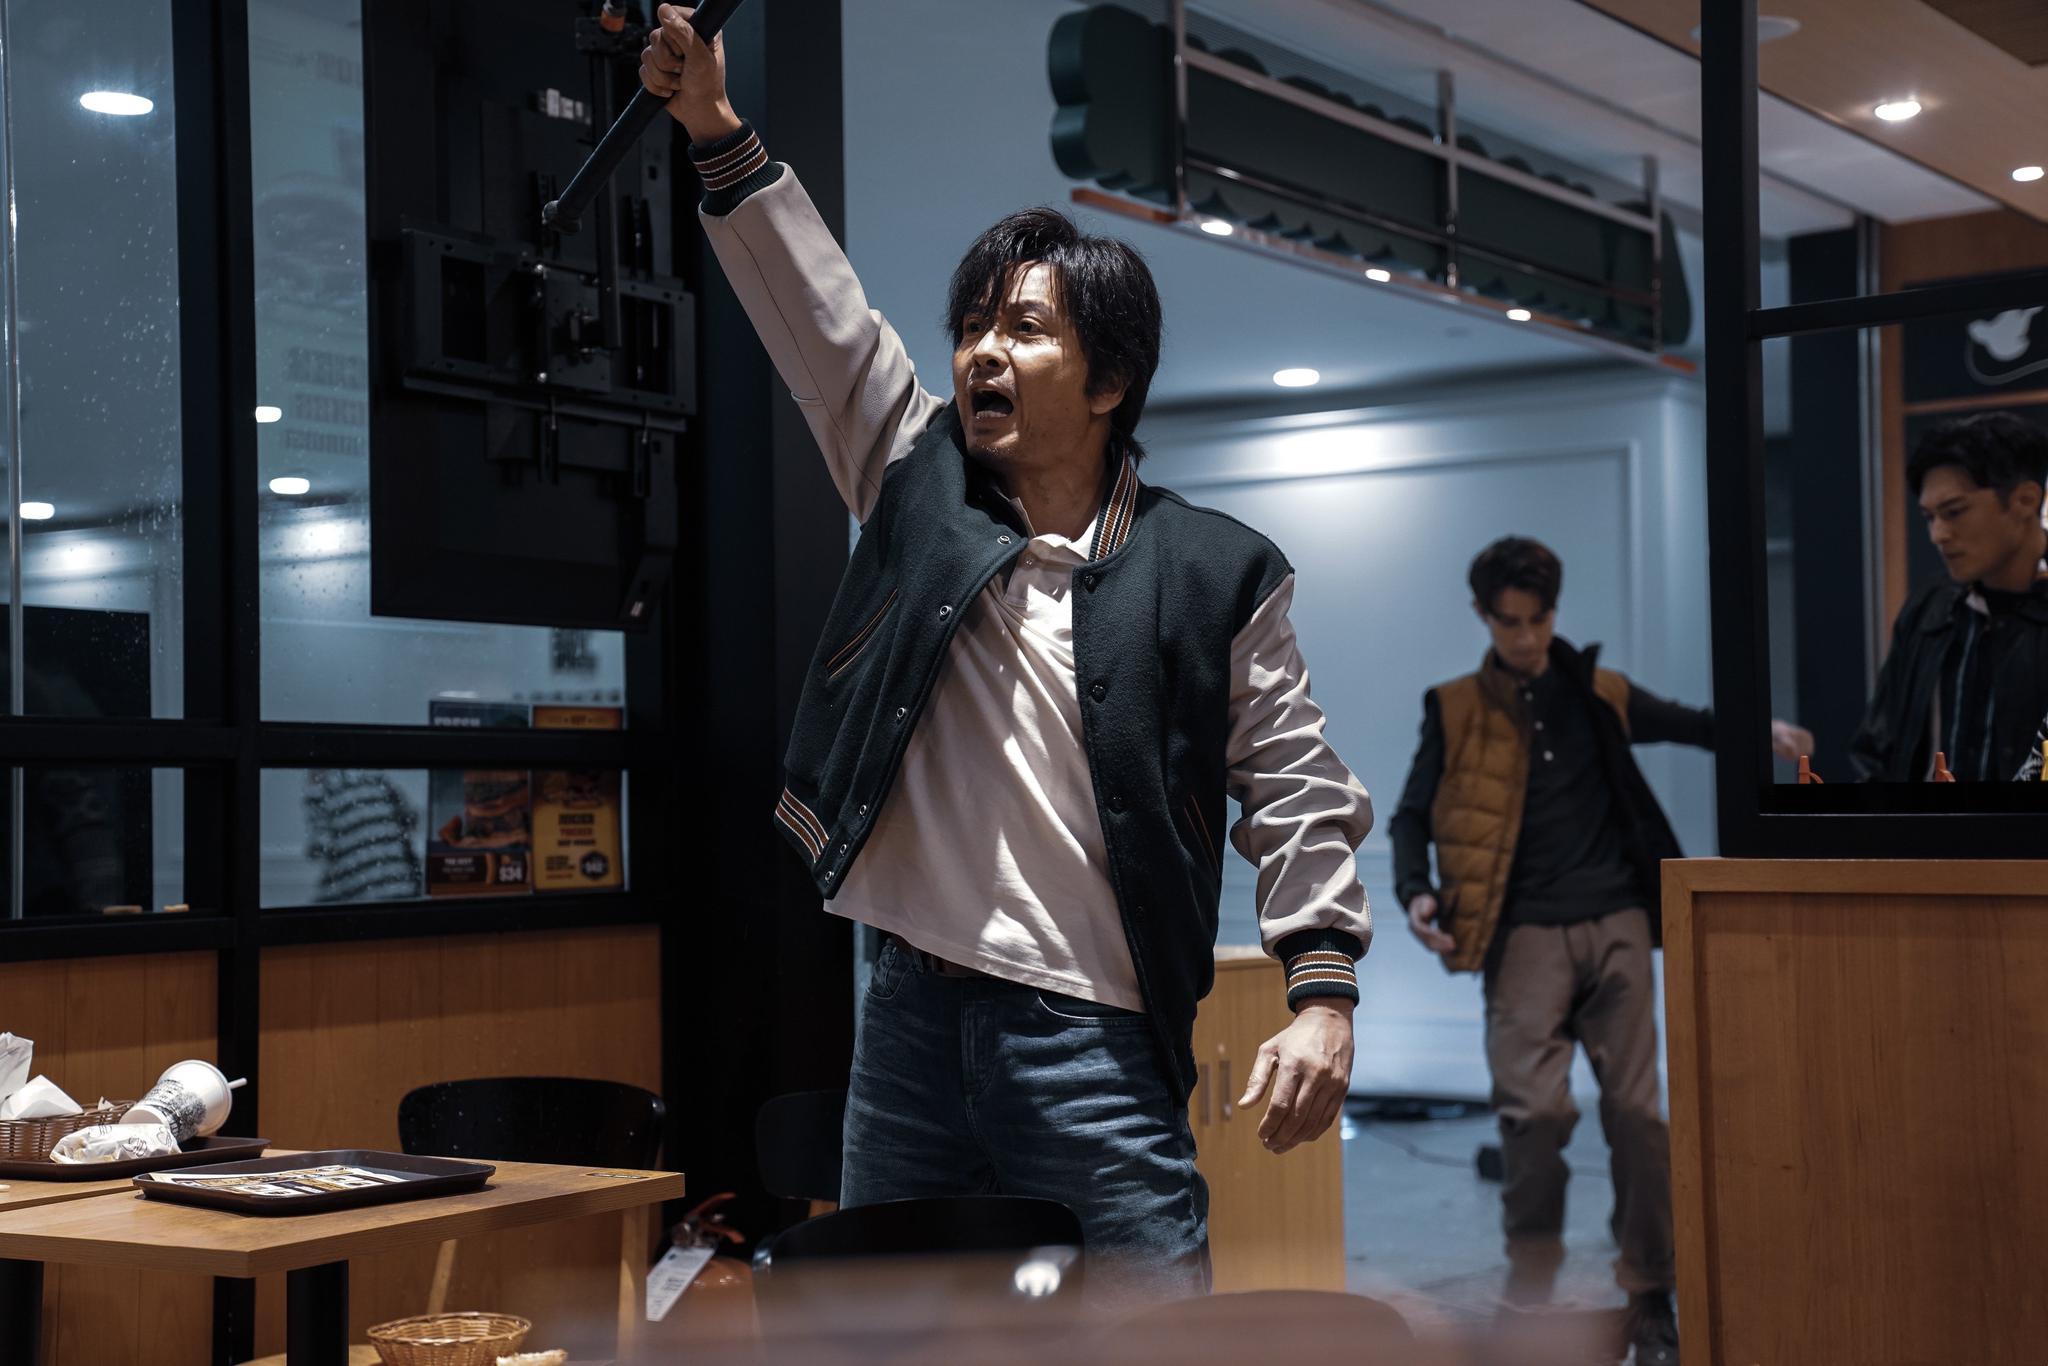 """《拆弹专家2》票房破8亿 谢君豪白发造型""""帅炸"""""""